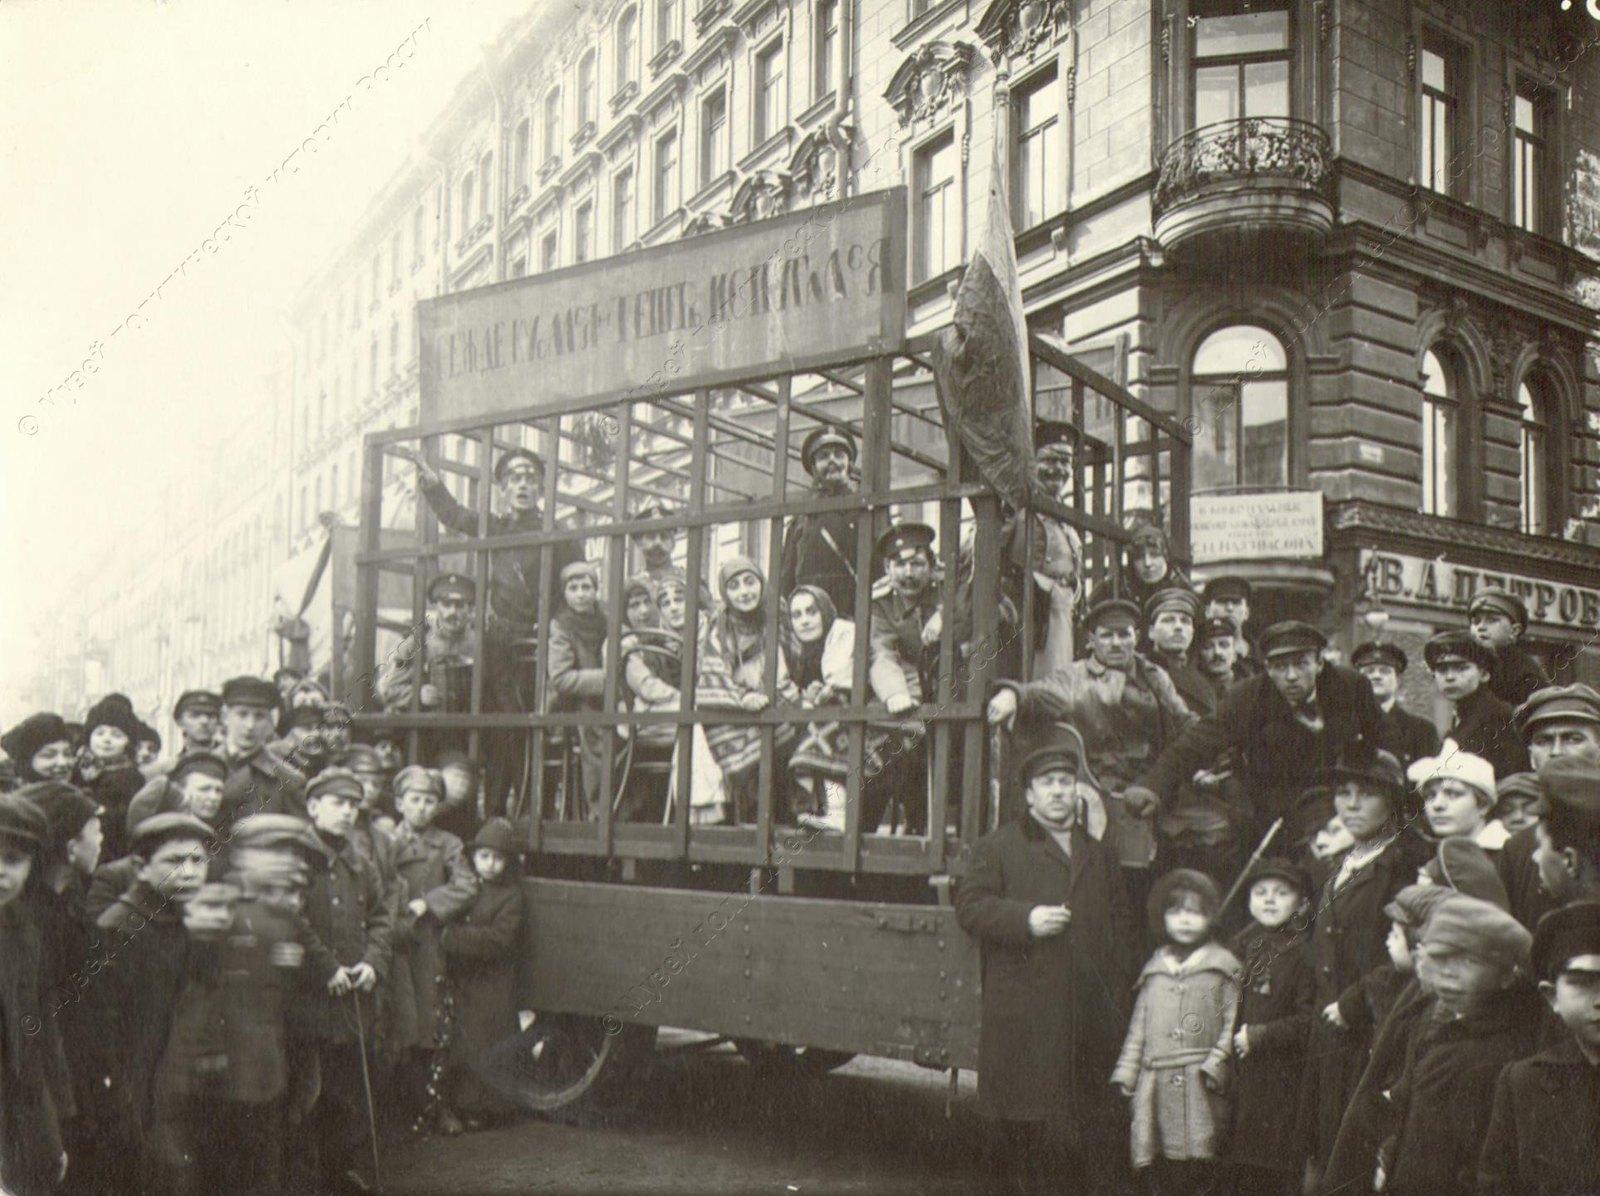 1920. Празднование 1-го мая в Петрограде. Театрализованное представление